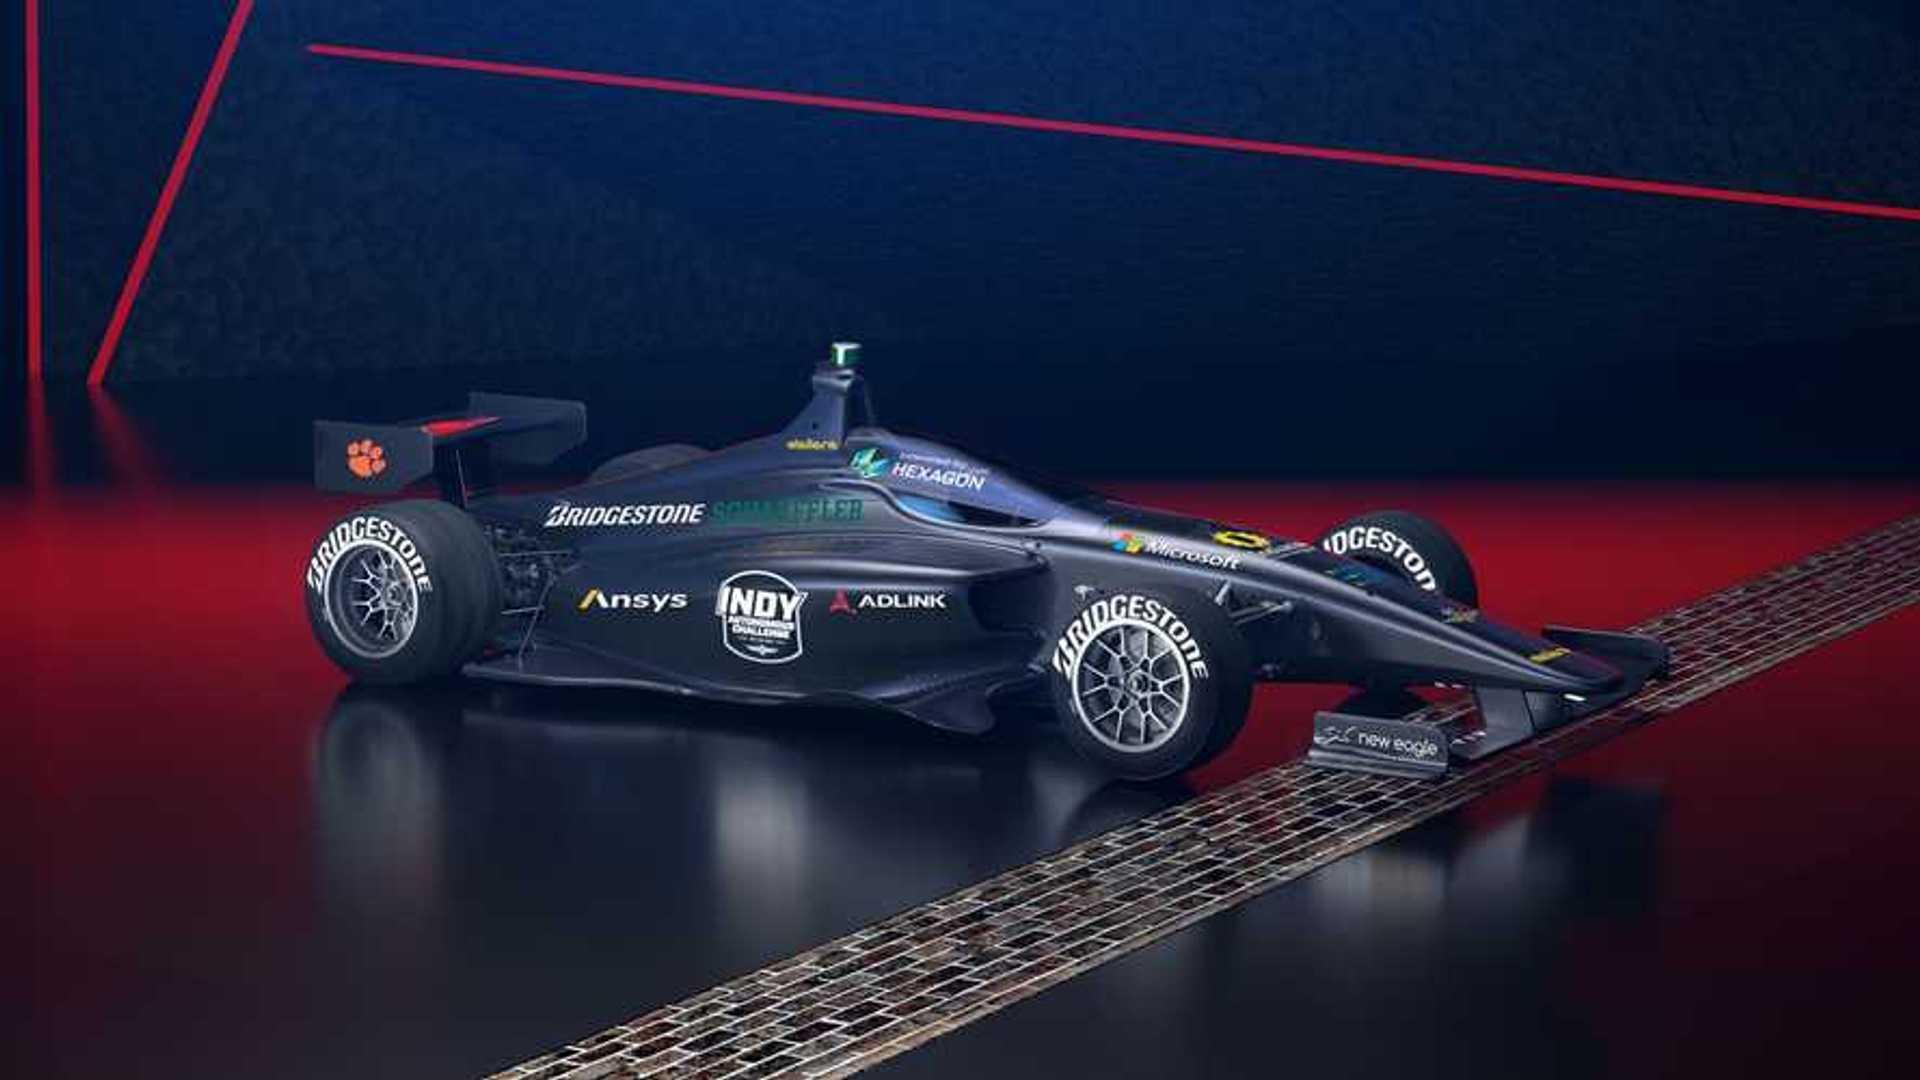 Автономная серия IndyCar будет участвовать в гонках в Индианаполисе в октябре